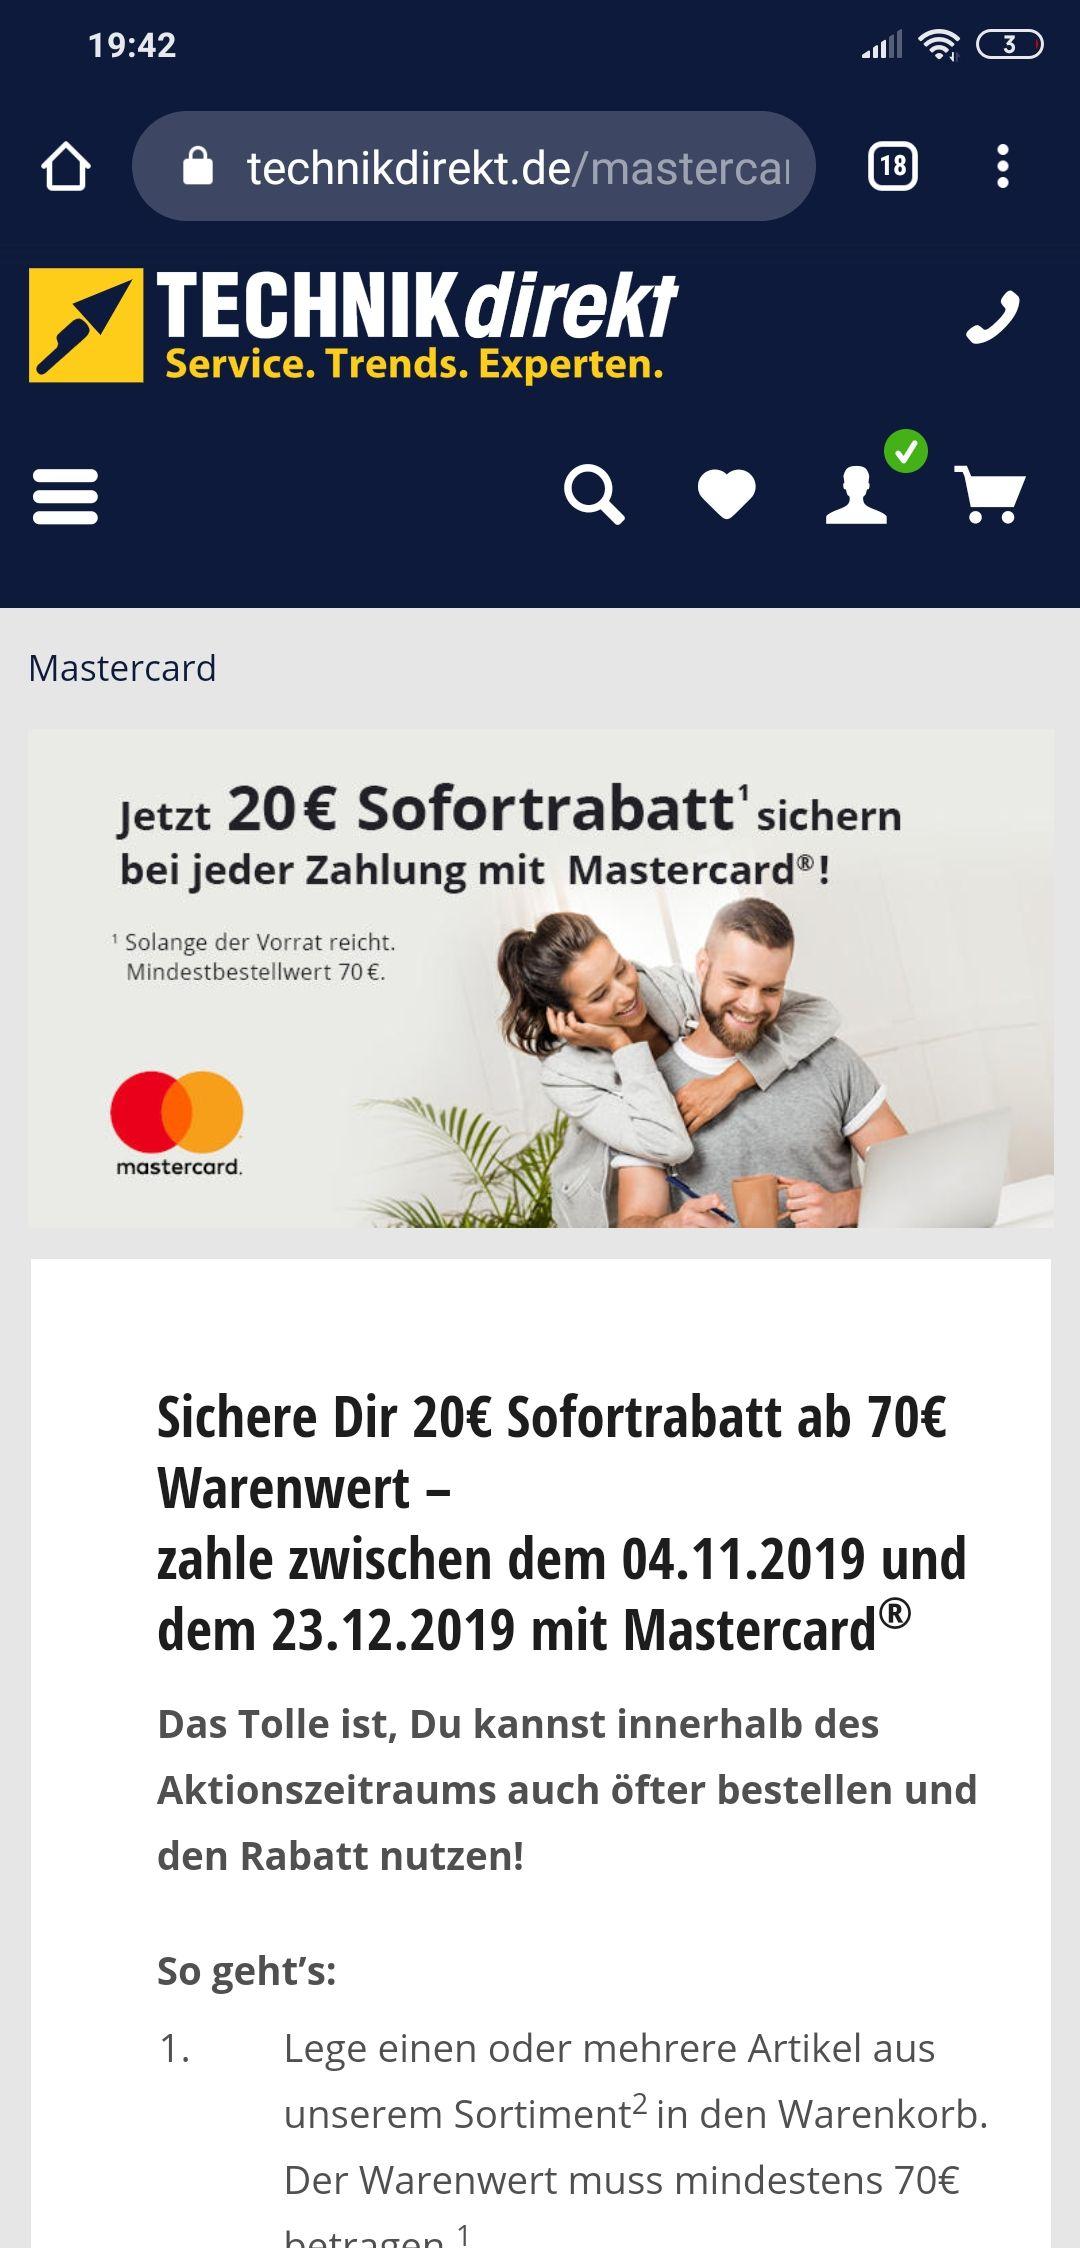 20 Euro Rabatt bei Zahlung mit Mastercard